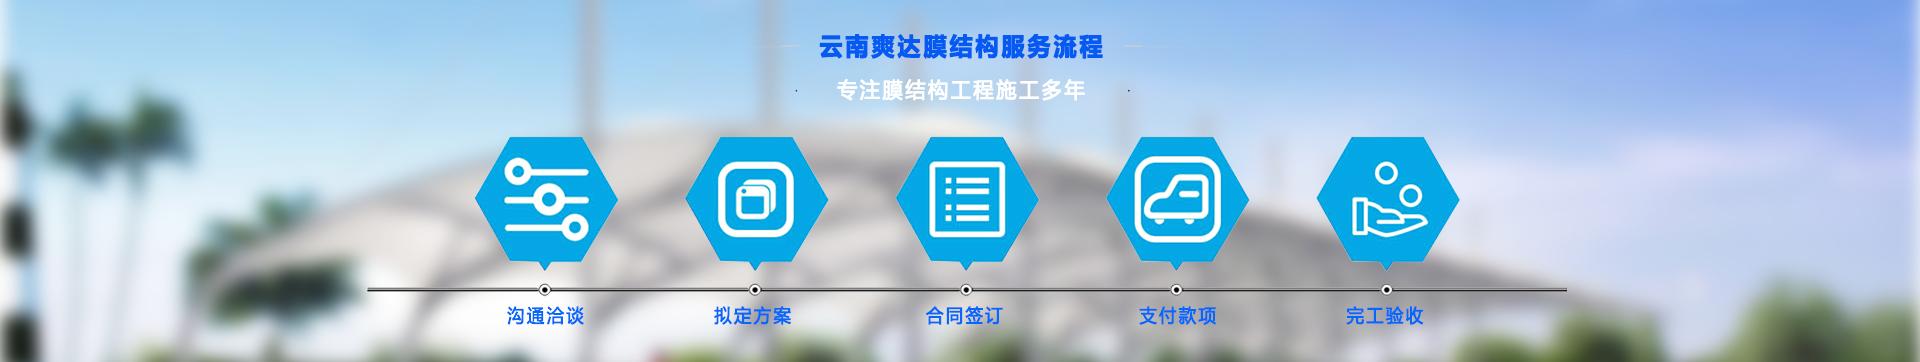 昆明爽达膜结构工程公司服务流程